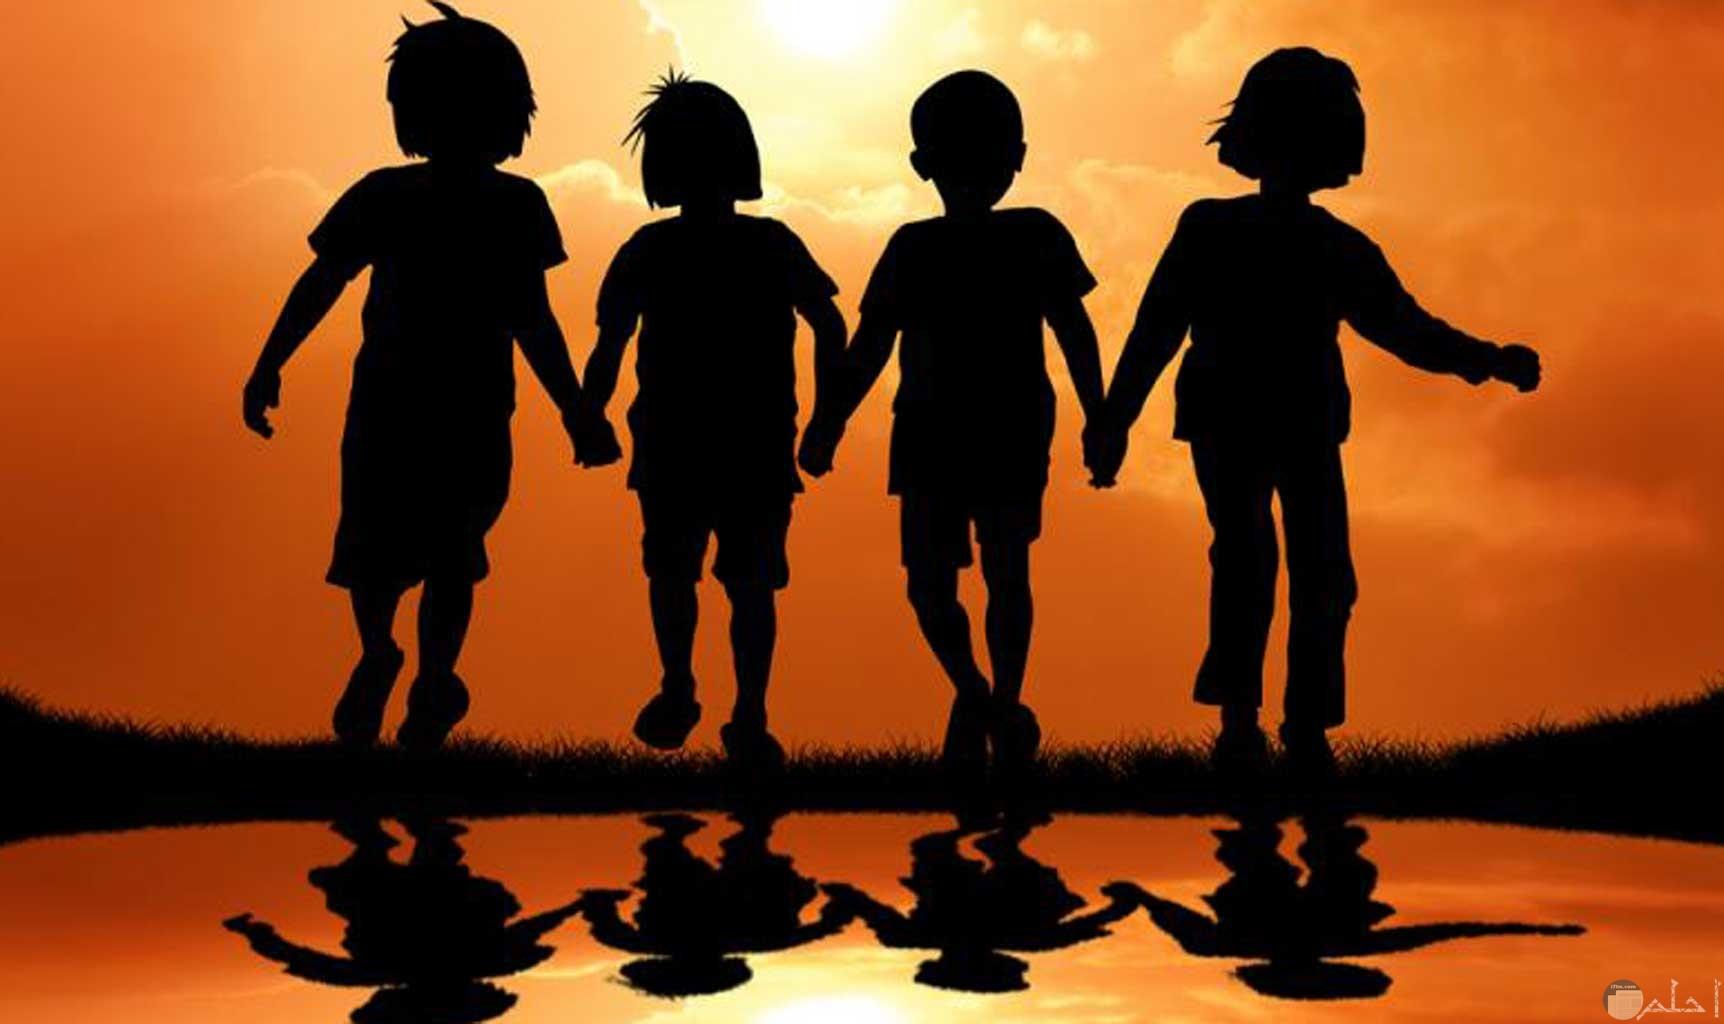 أصدقاء الطفولة و الوفاء النقي.